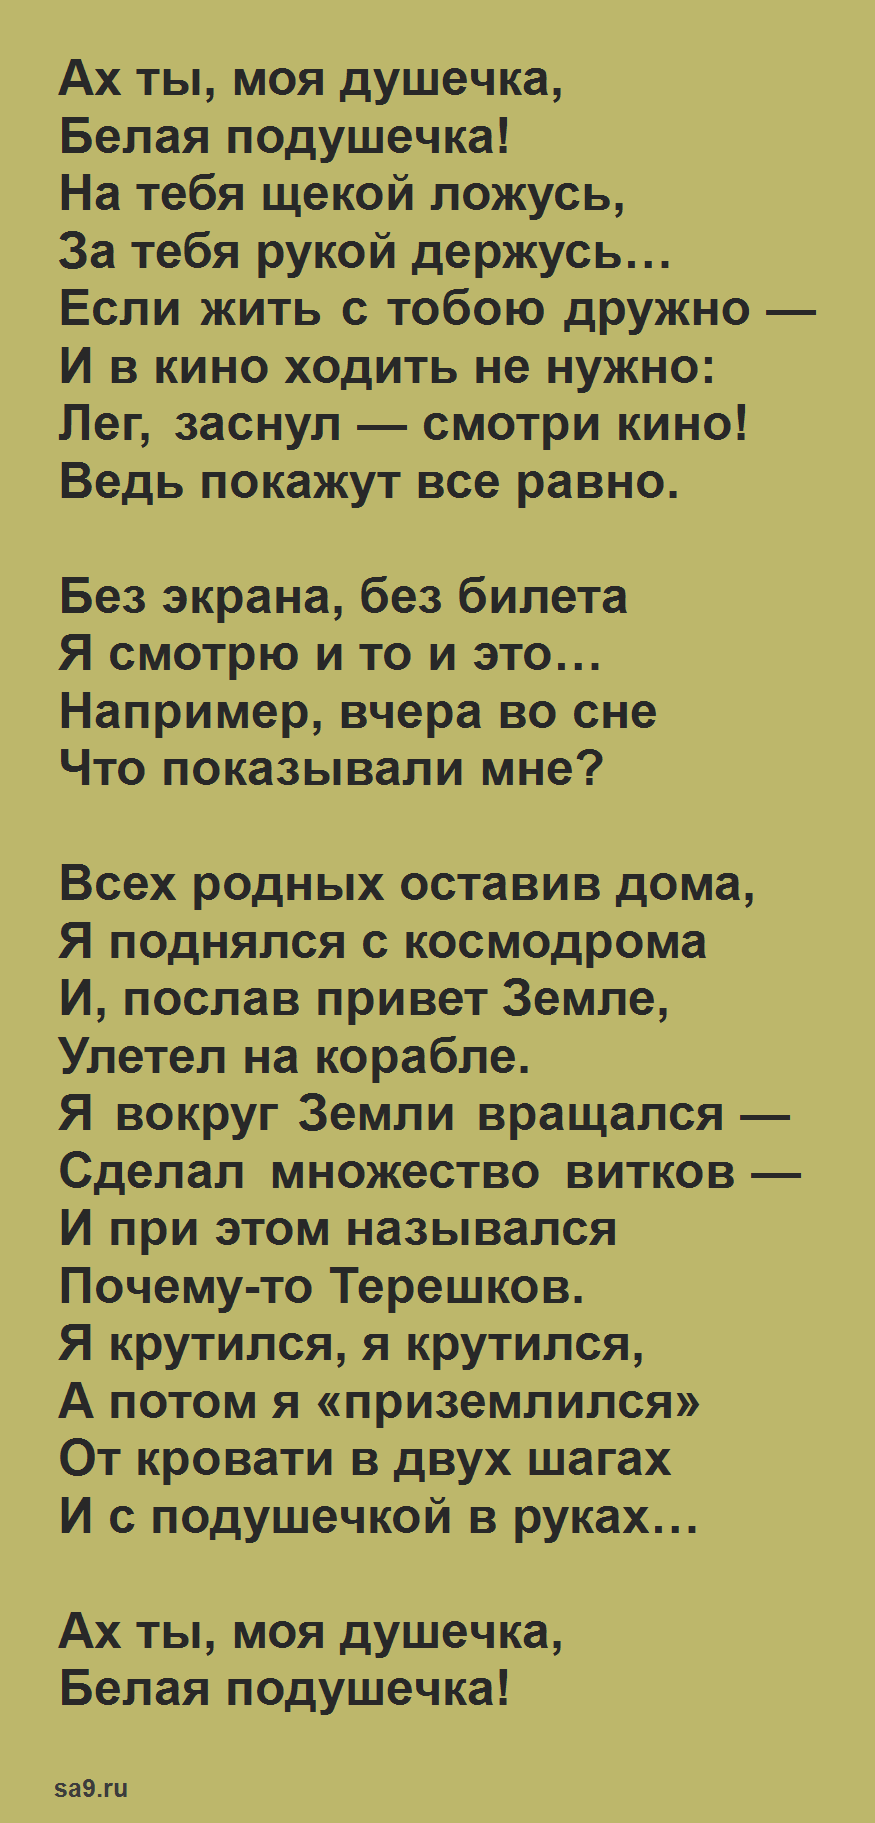 Стихи Михалкова для детей 2 класса - Подушечка